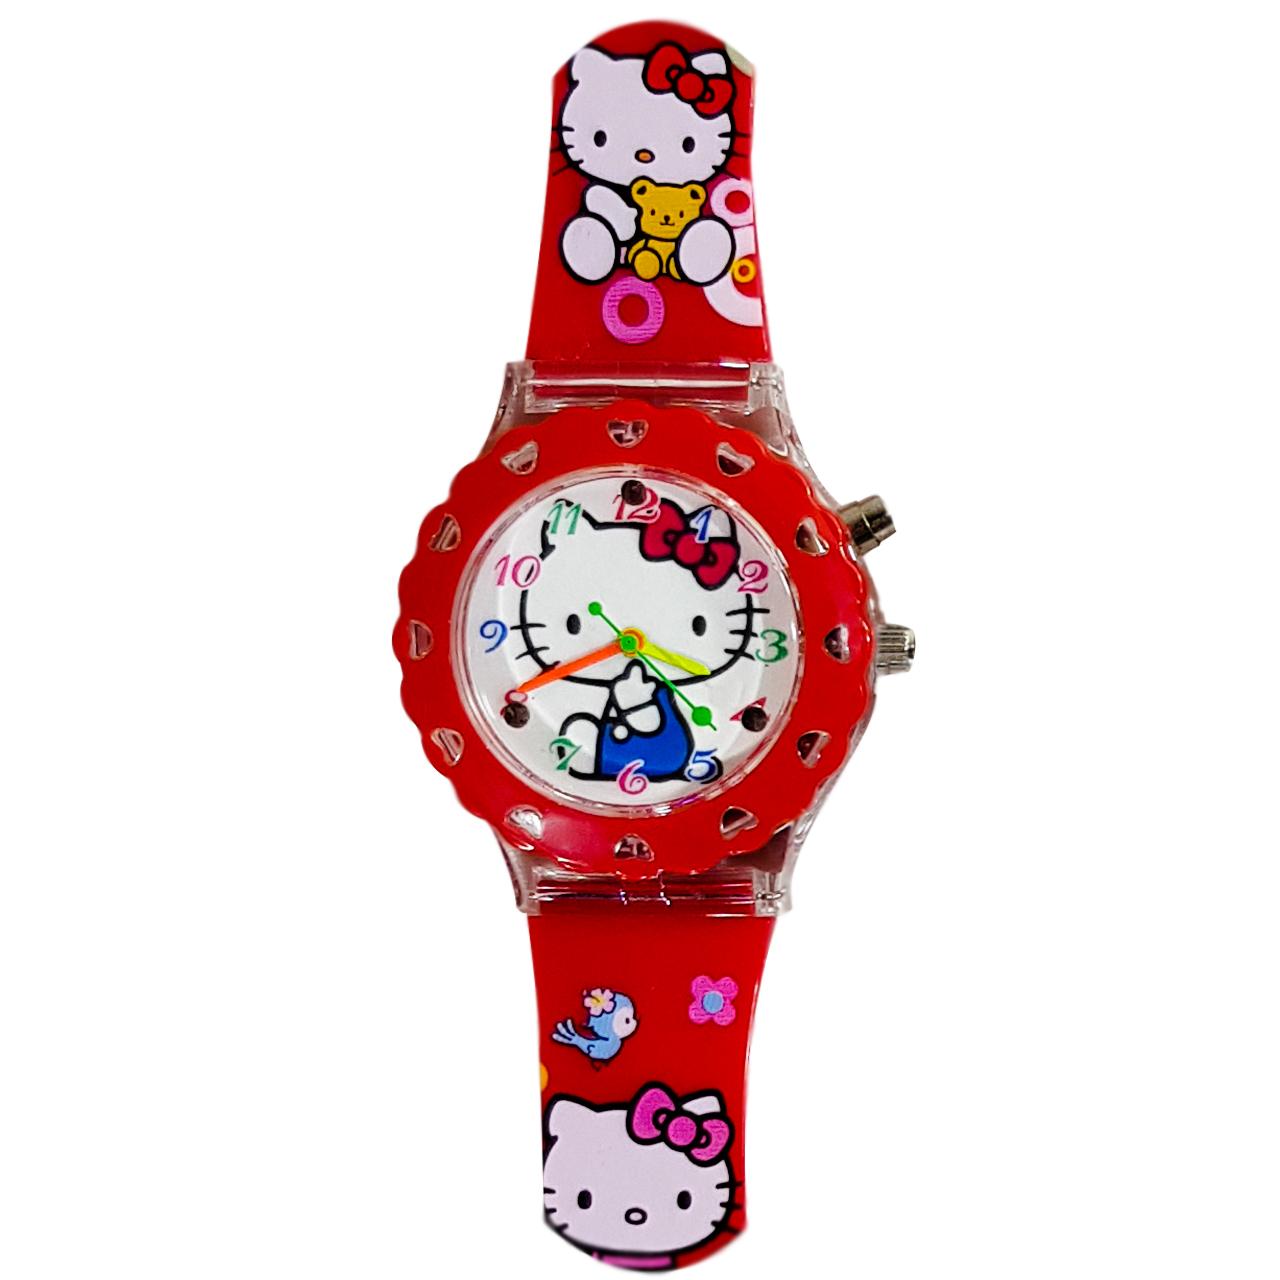 ساعت مچی عقربه ای بچه گانه مدل 01-Kitty رنگ قرمز